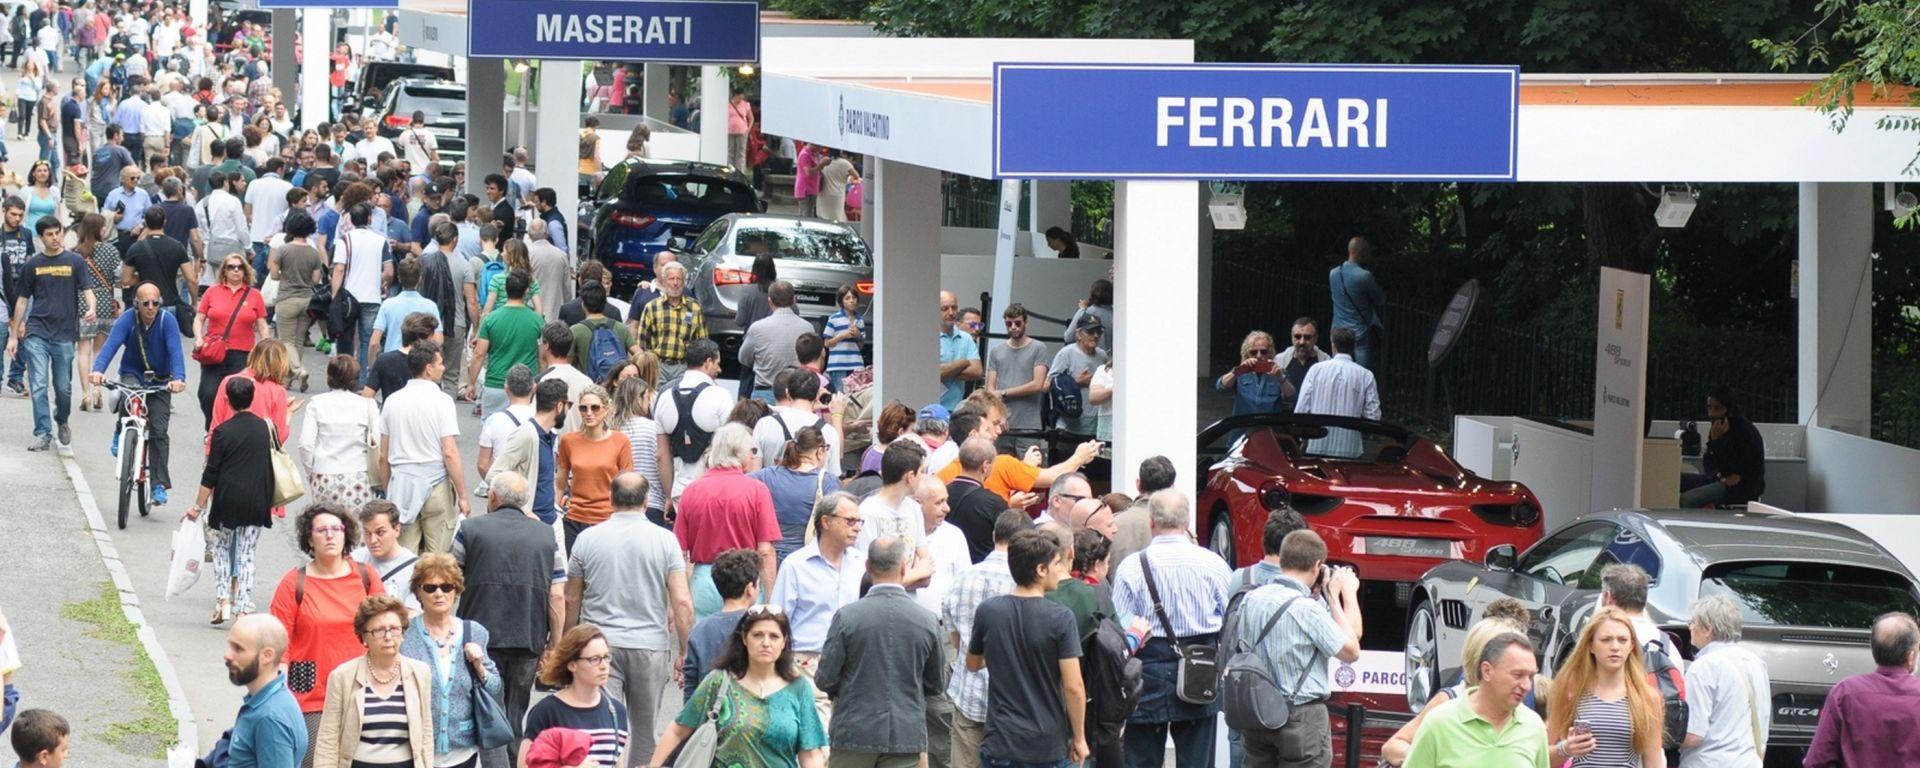 Salone dell'Auto Parco Valentino: l'edizione 2017 si svolgerà dal 7 all'11 giugno 2017